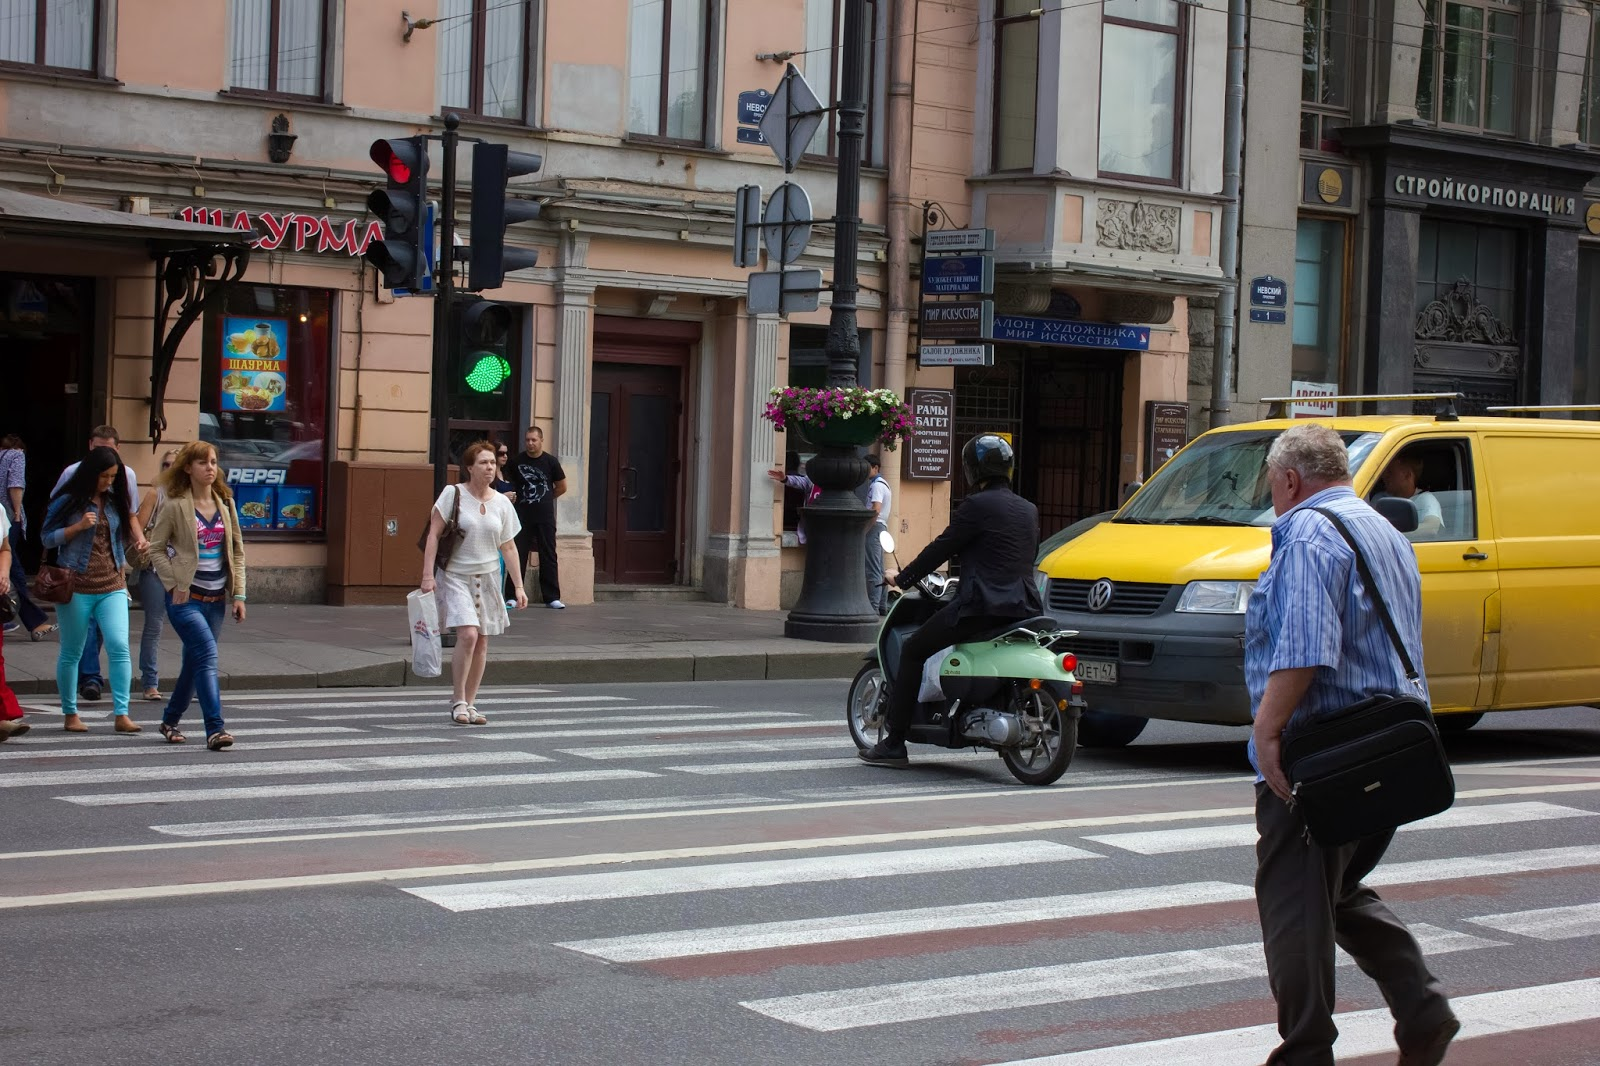 Санкт-Петербург, Россия, Случай на переходе